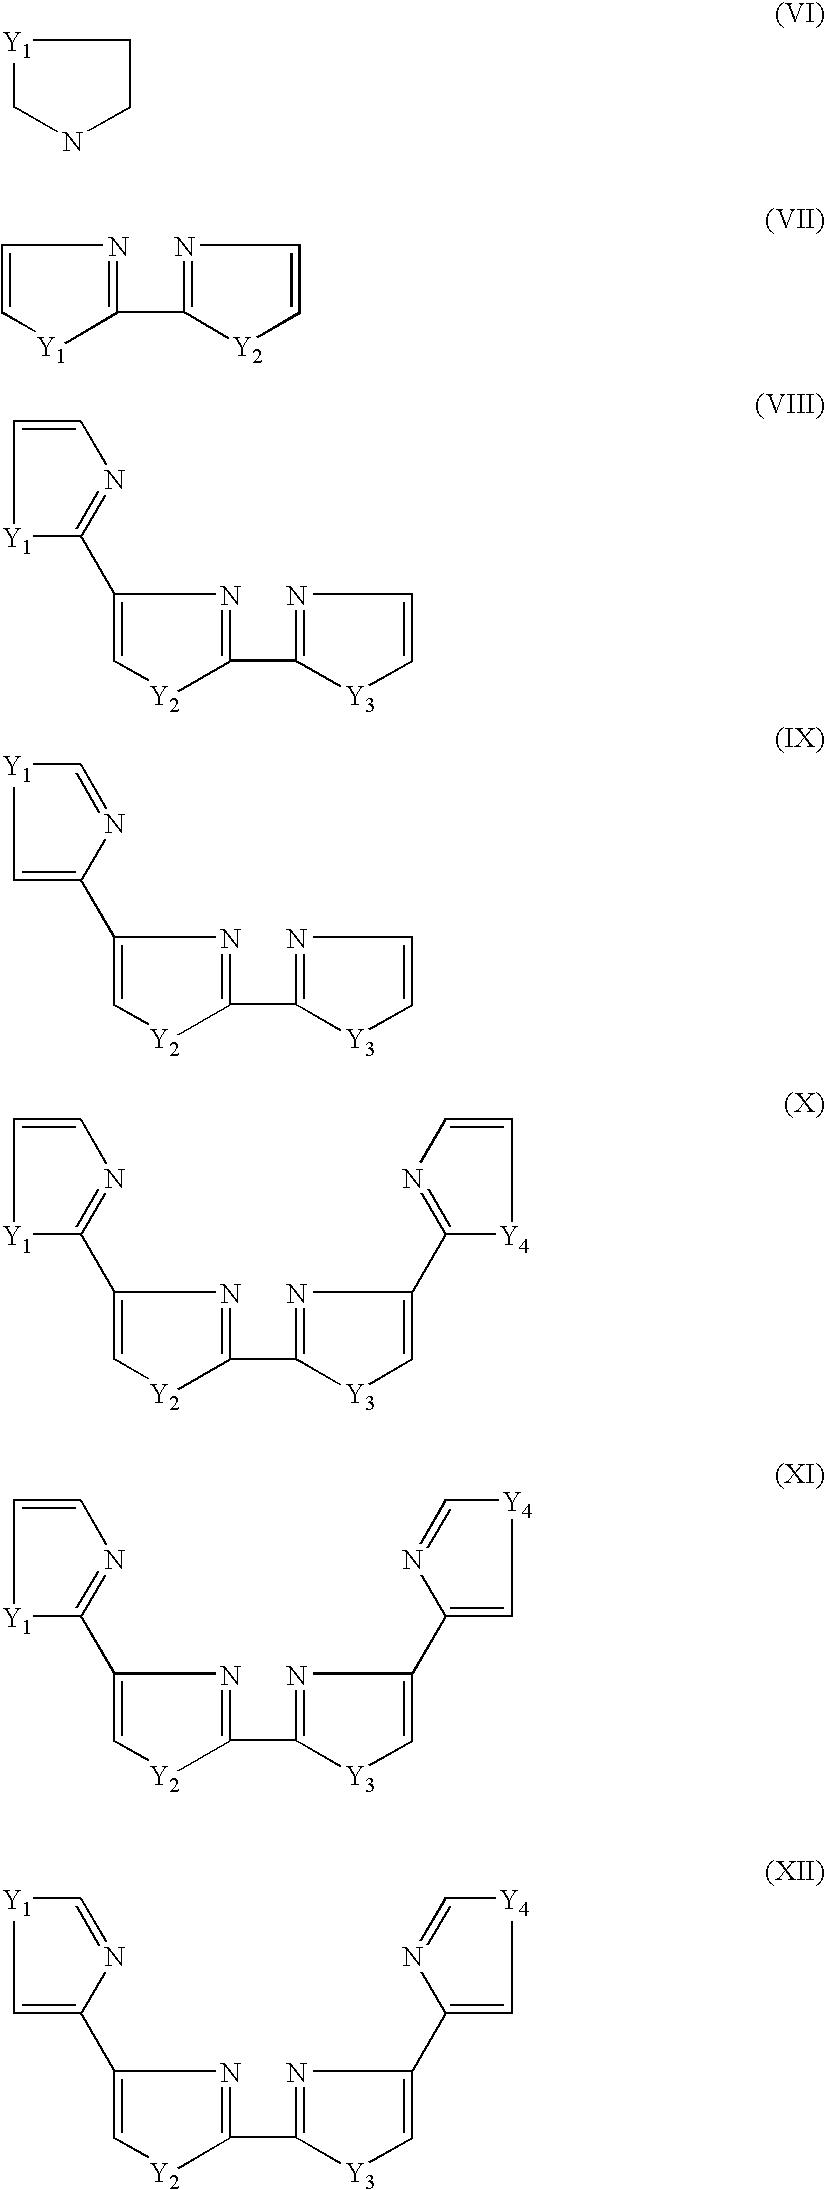 Figure US20080027302A1-20080131-C00005